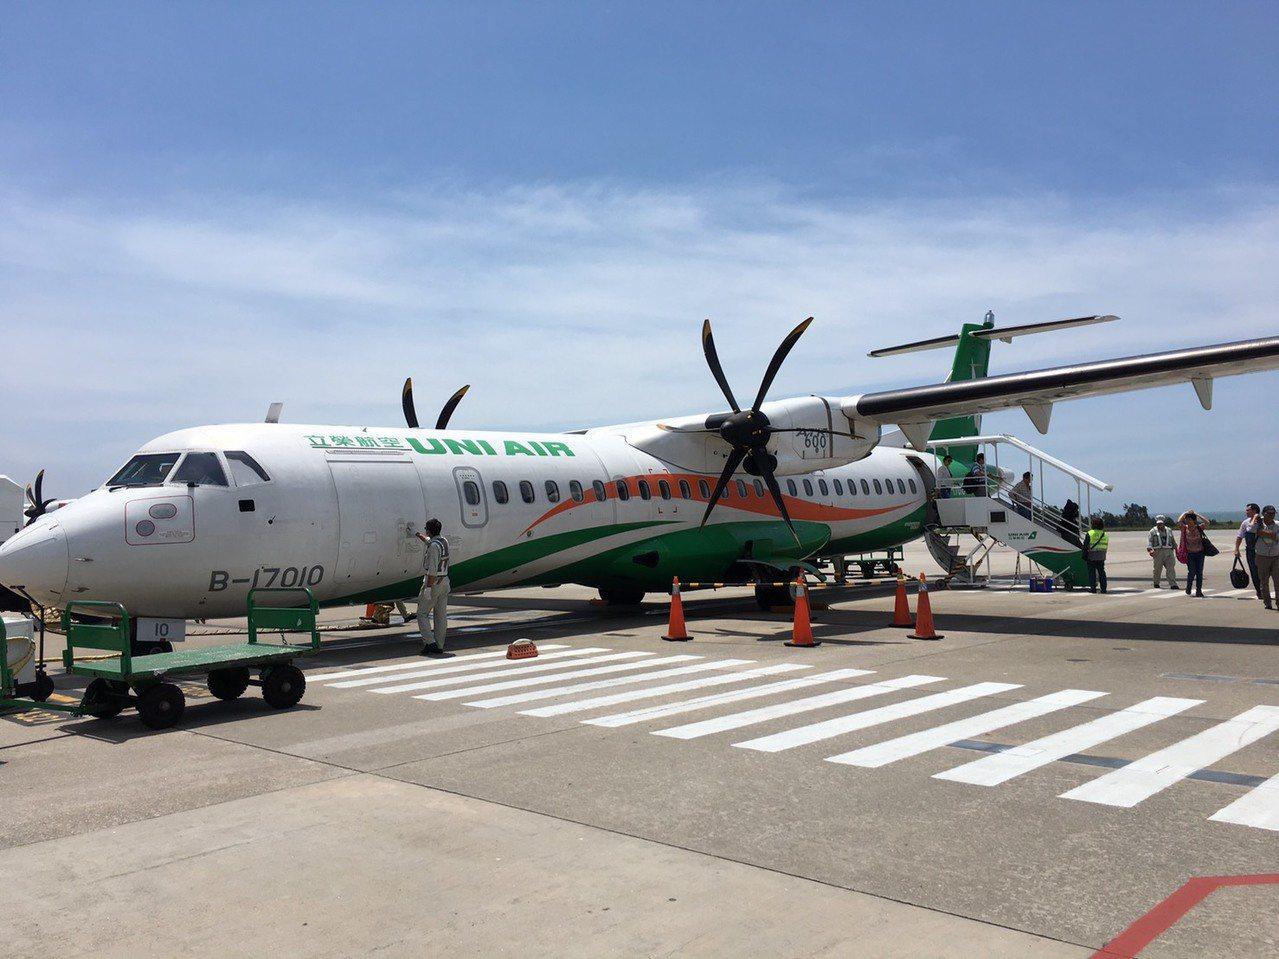 立榮航空自2009年推出的「全閩小三通」團體旅遊產品後,廣受旅客好評,為慶祝「全...